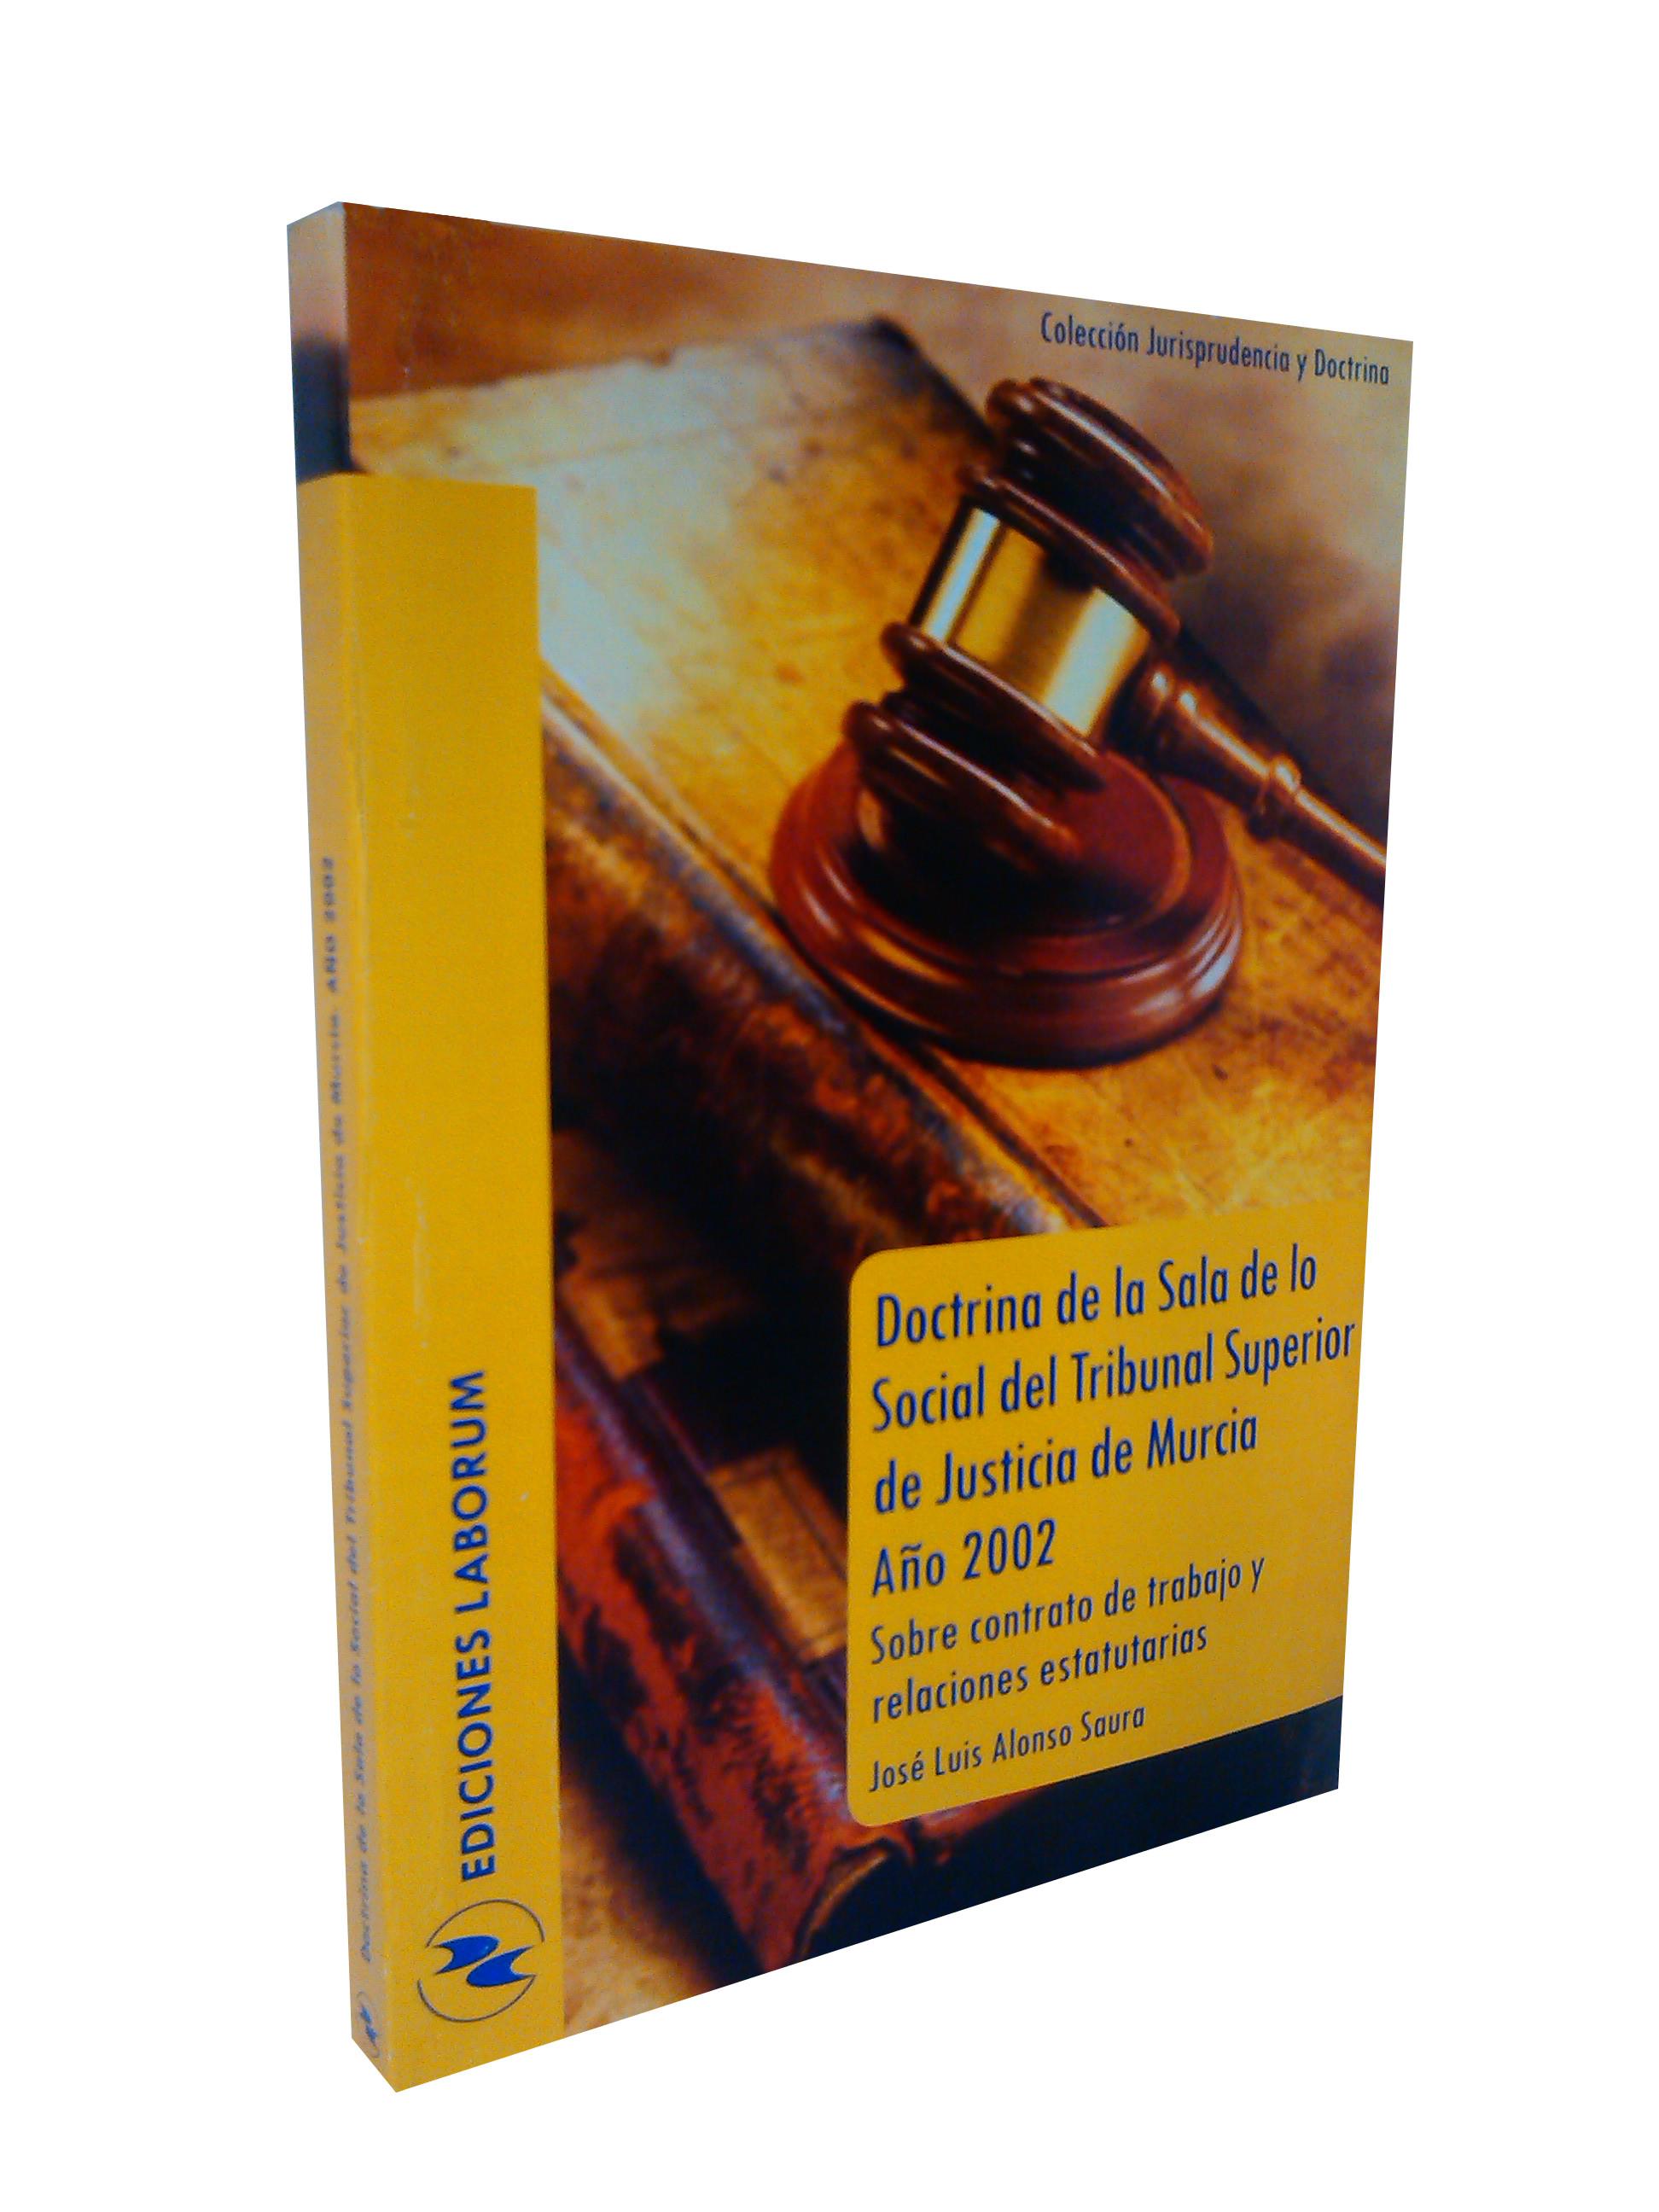 Doctrina de la Sala de lo Social del Tribunal Superior de Justicia de Murcia Año 2002 – Sobre contrato de trabajo y relaciones estatutarias